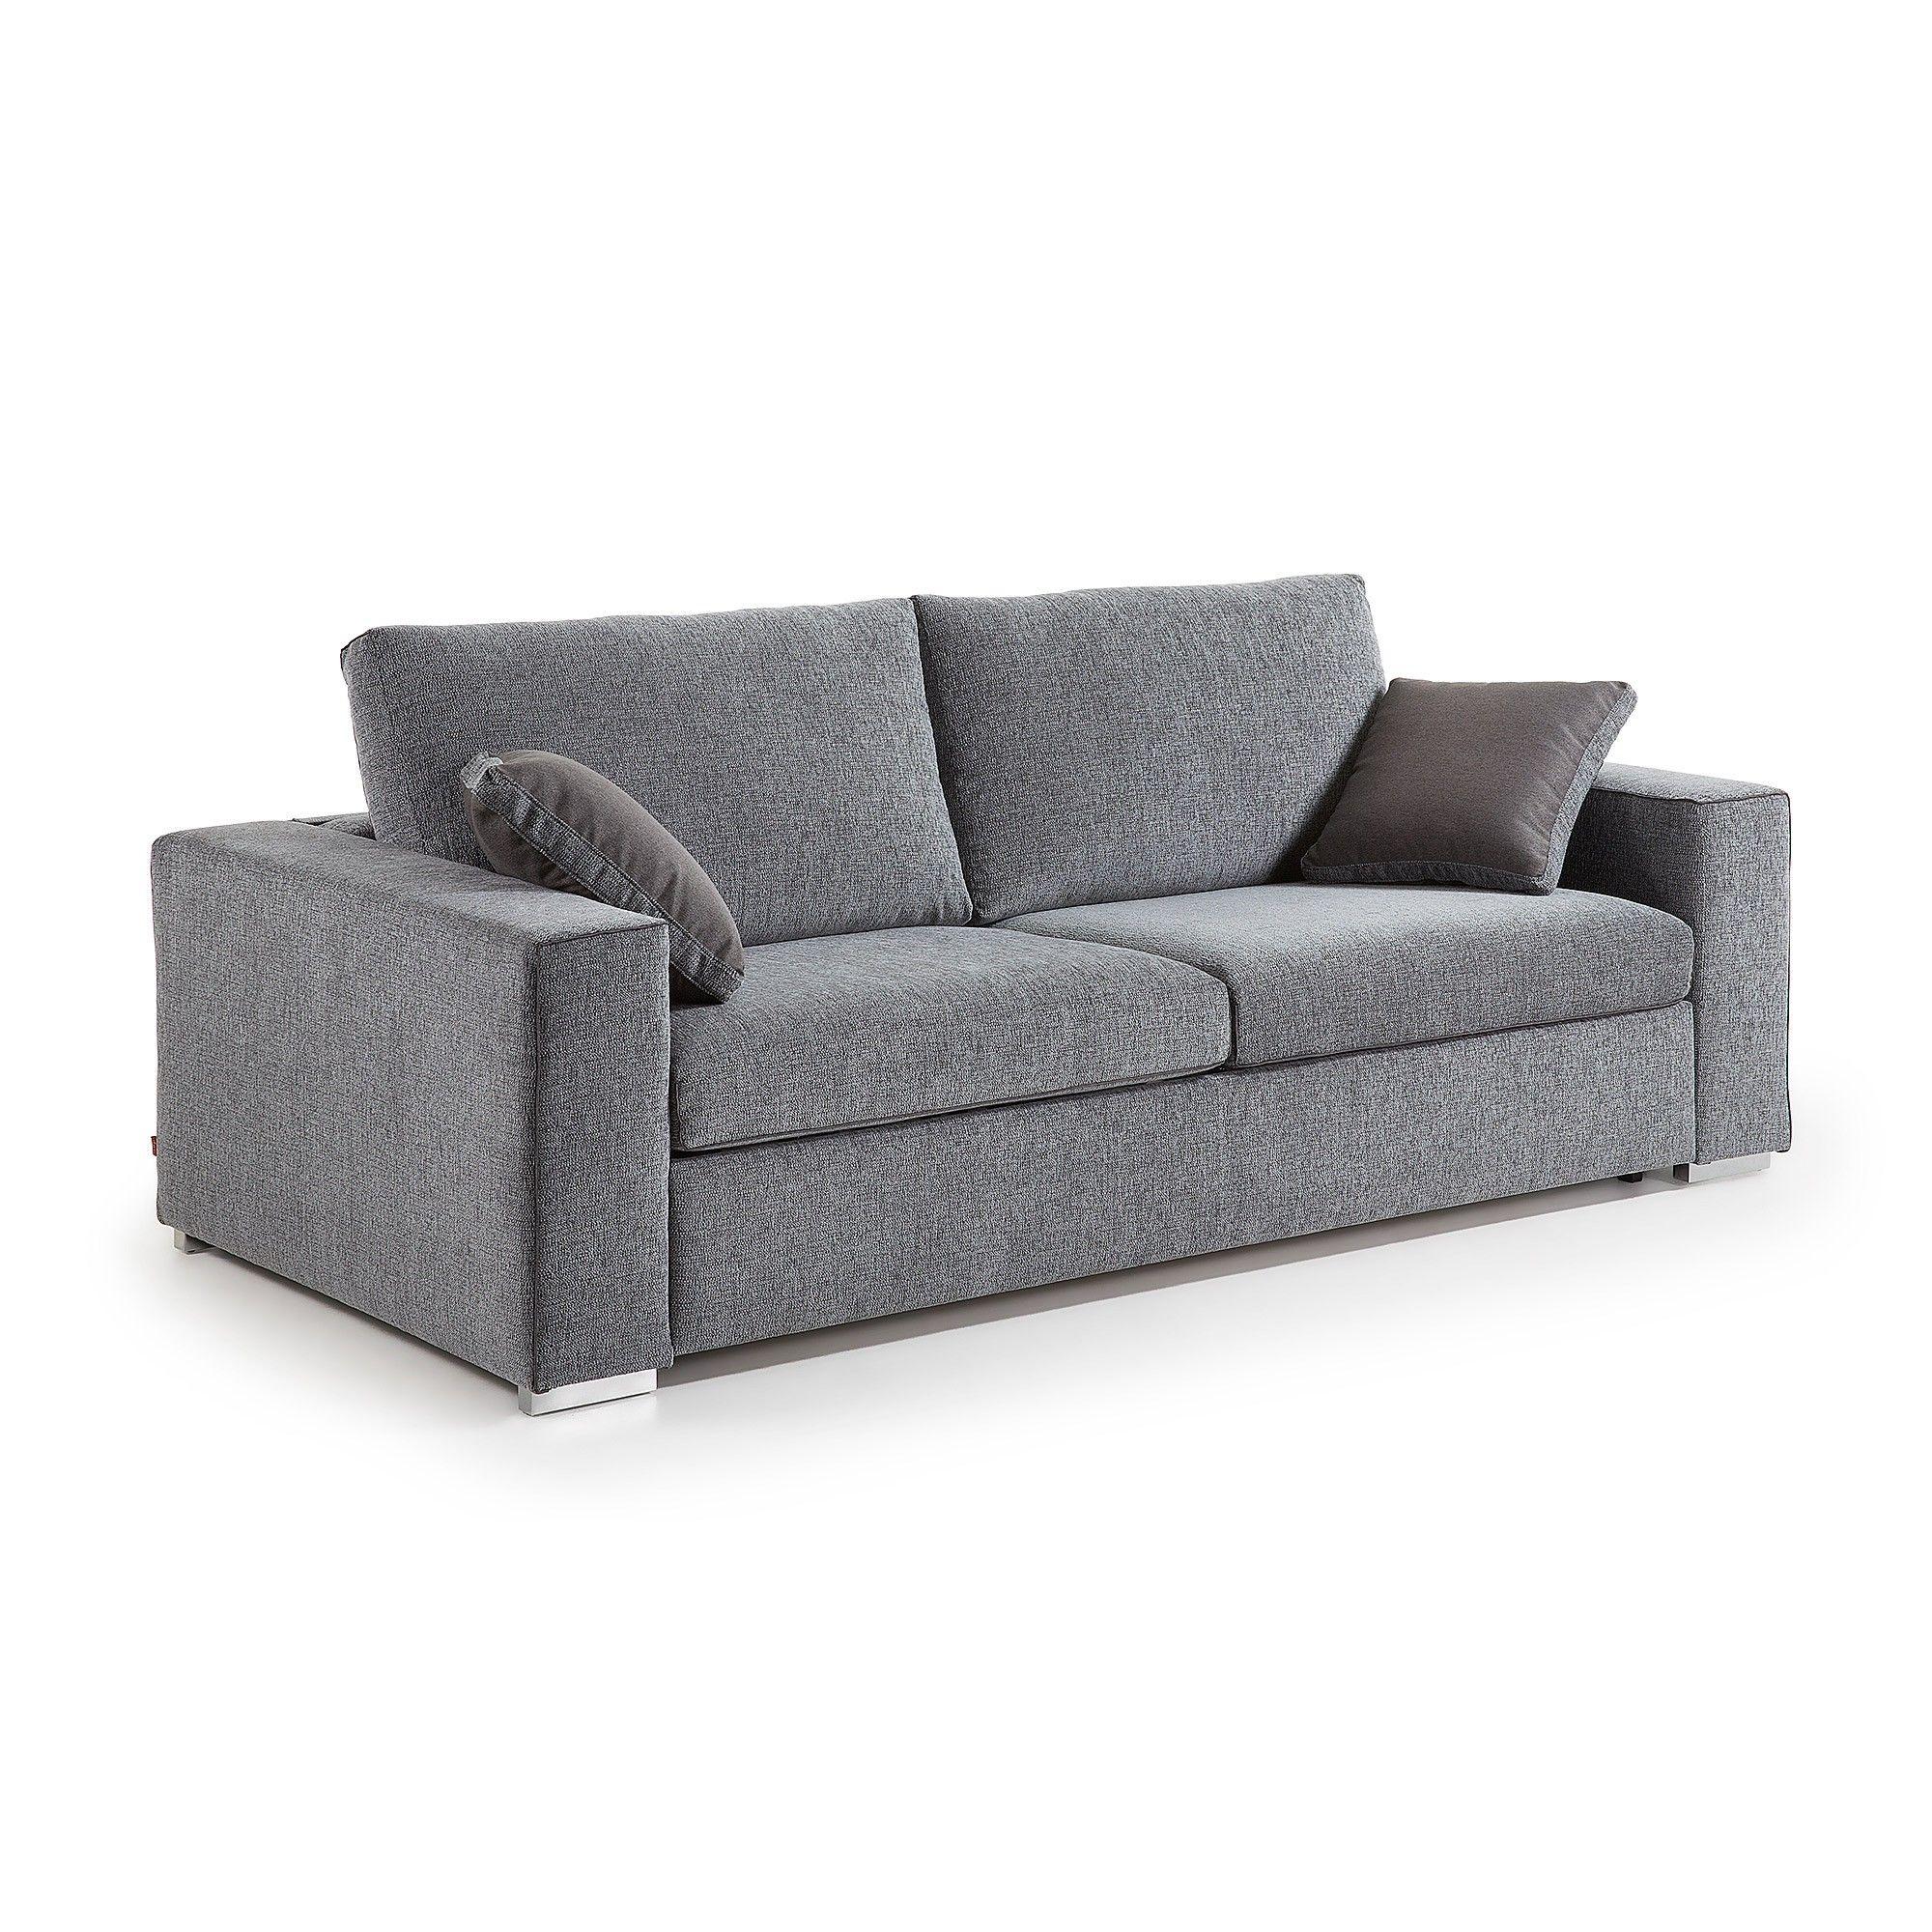 Canapé-lit Big 180 viscoelástique gris chiné en 2019 ...